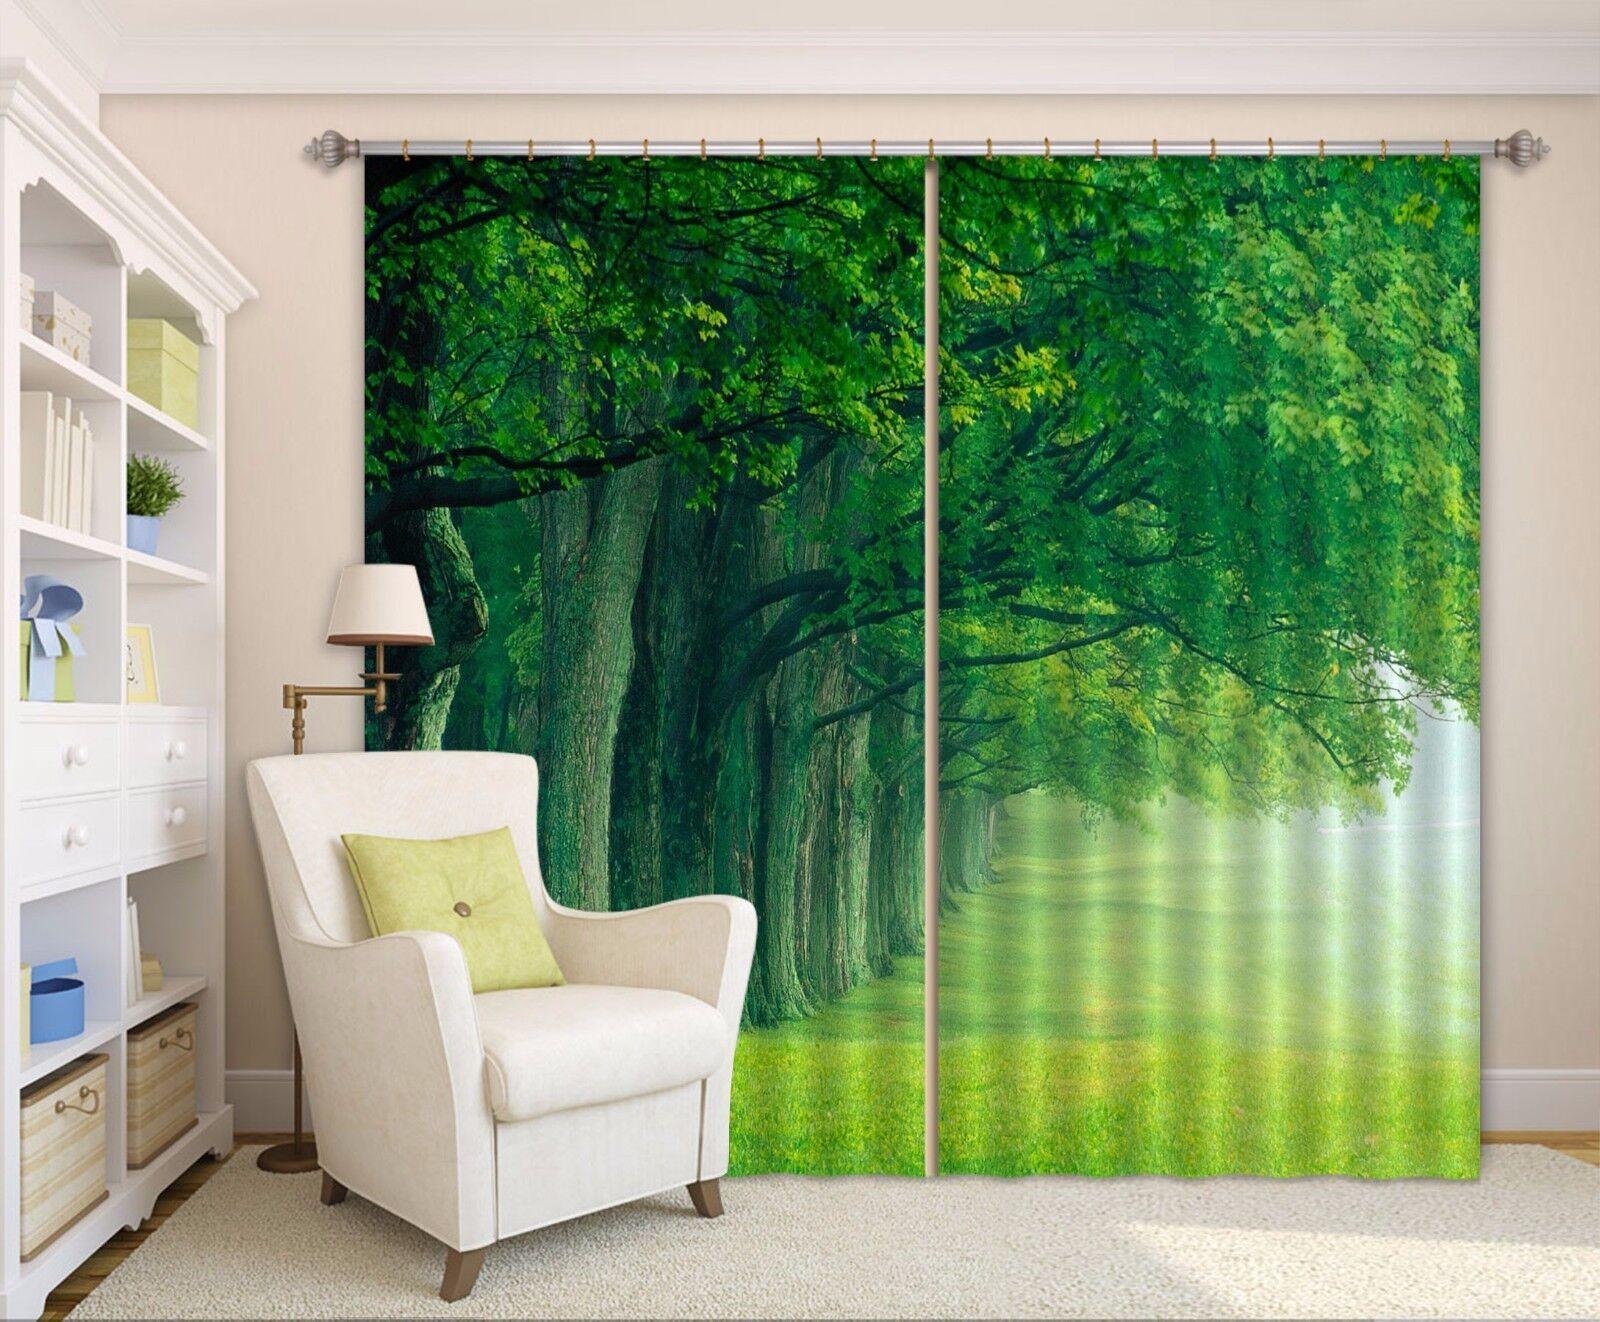 3D árboles de césped 8 Cortinas de impresión de Cortina Blockout Foto Tela Cortinas Ventana Reino Unido